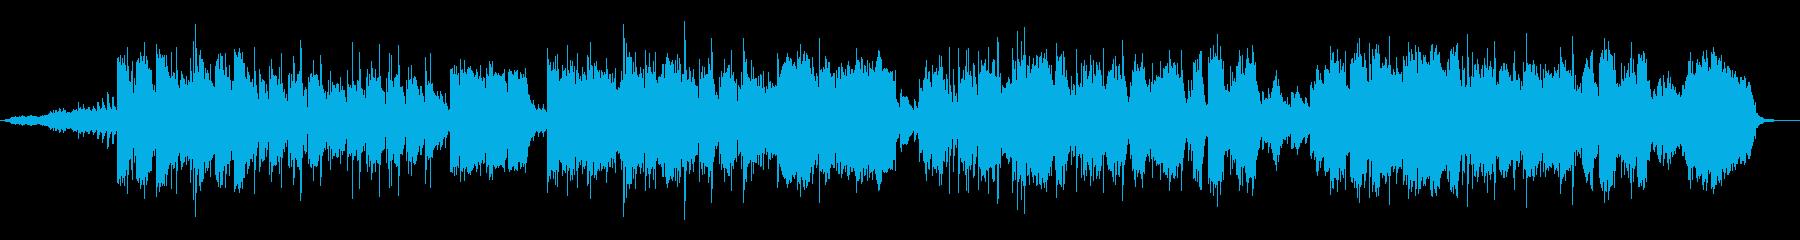 悲しいヨーロッパ民謡の再生済みの波形